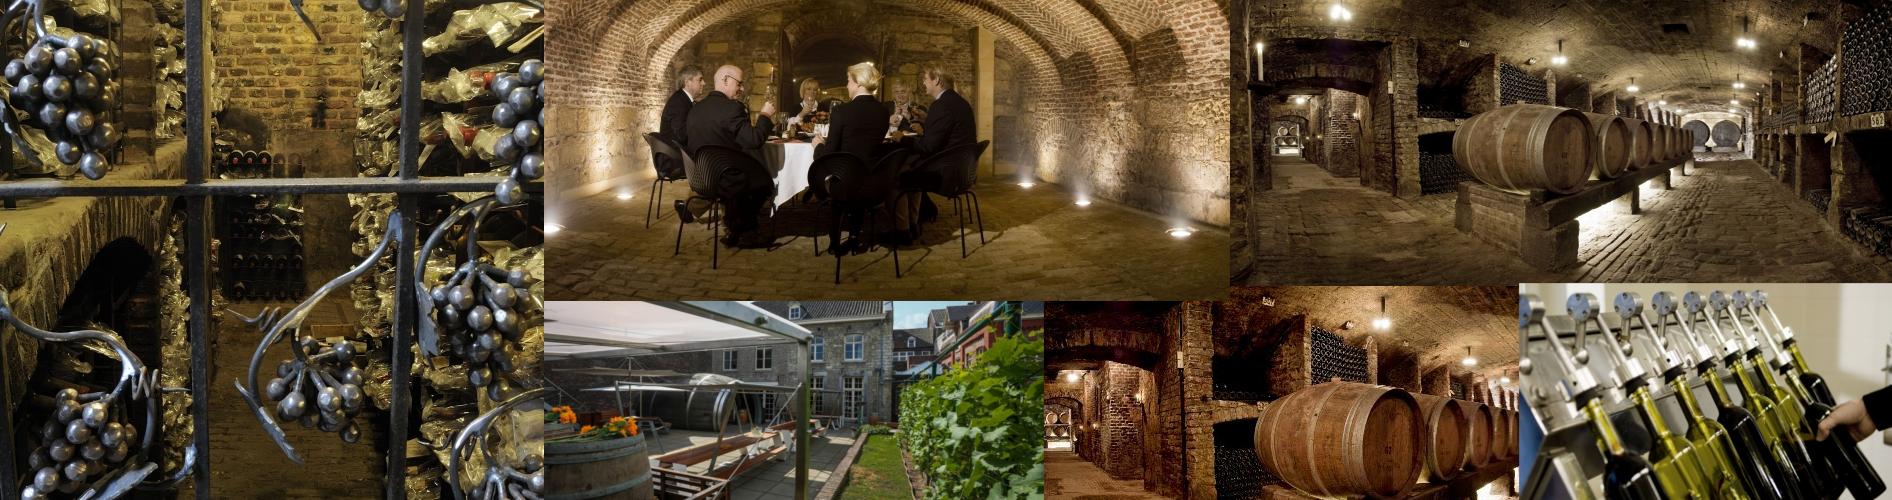 Wijnproeverij Maastricht bij Thiessen Wijnkoopers - Boek een escape room hunt en proef arrangement